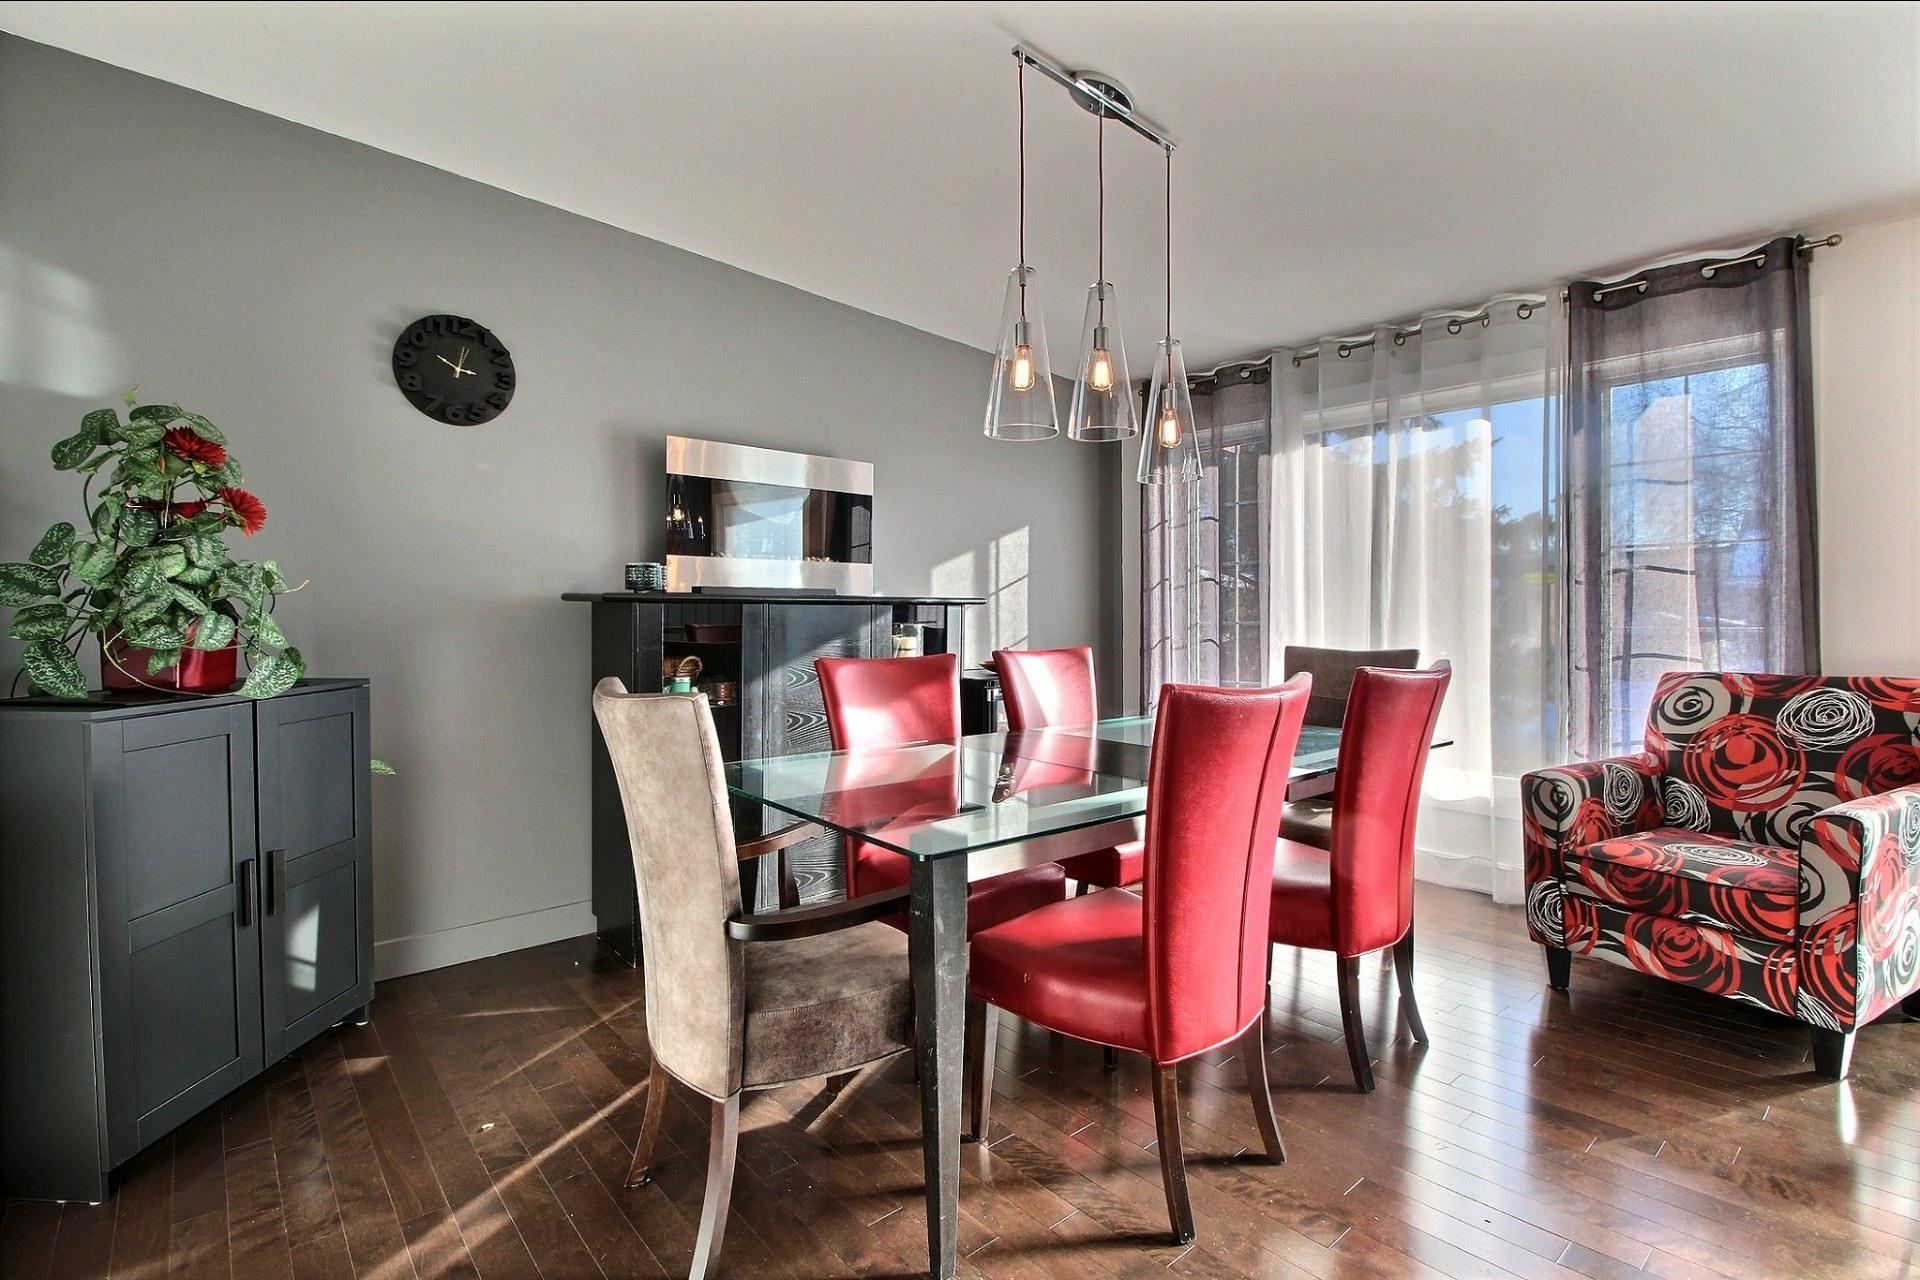 image 0 - Maison À vendre Montréal Rivière-des-Prairies/Pointe-aux-Trembles  - 11 pièces